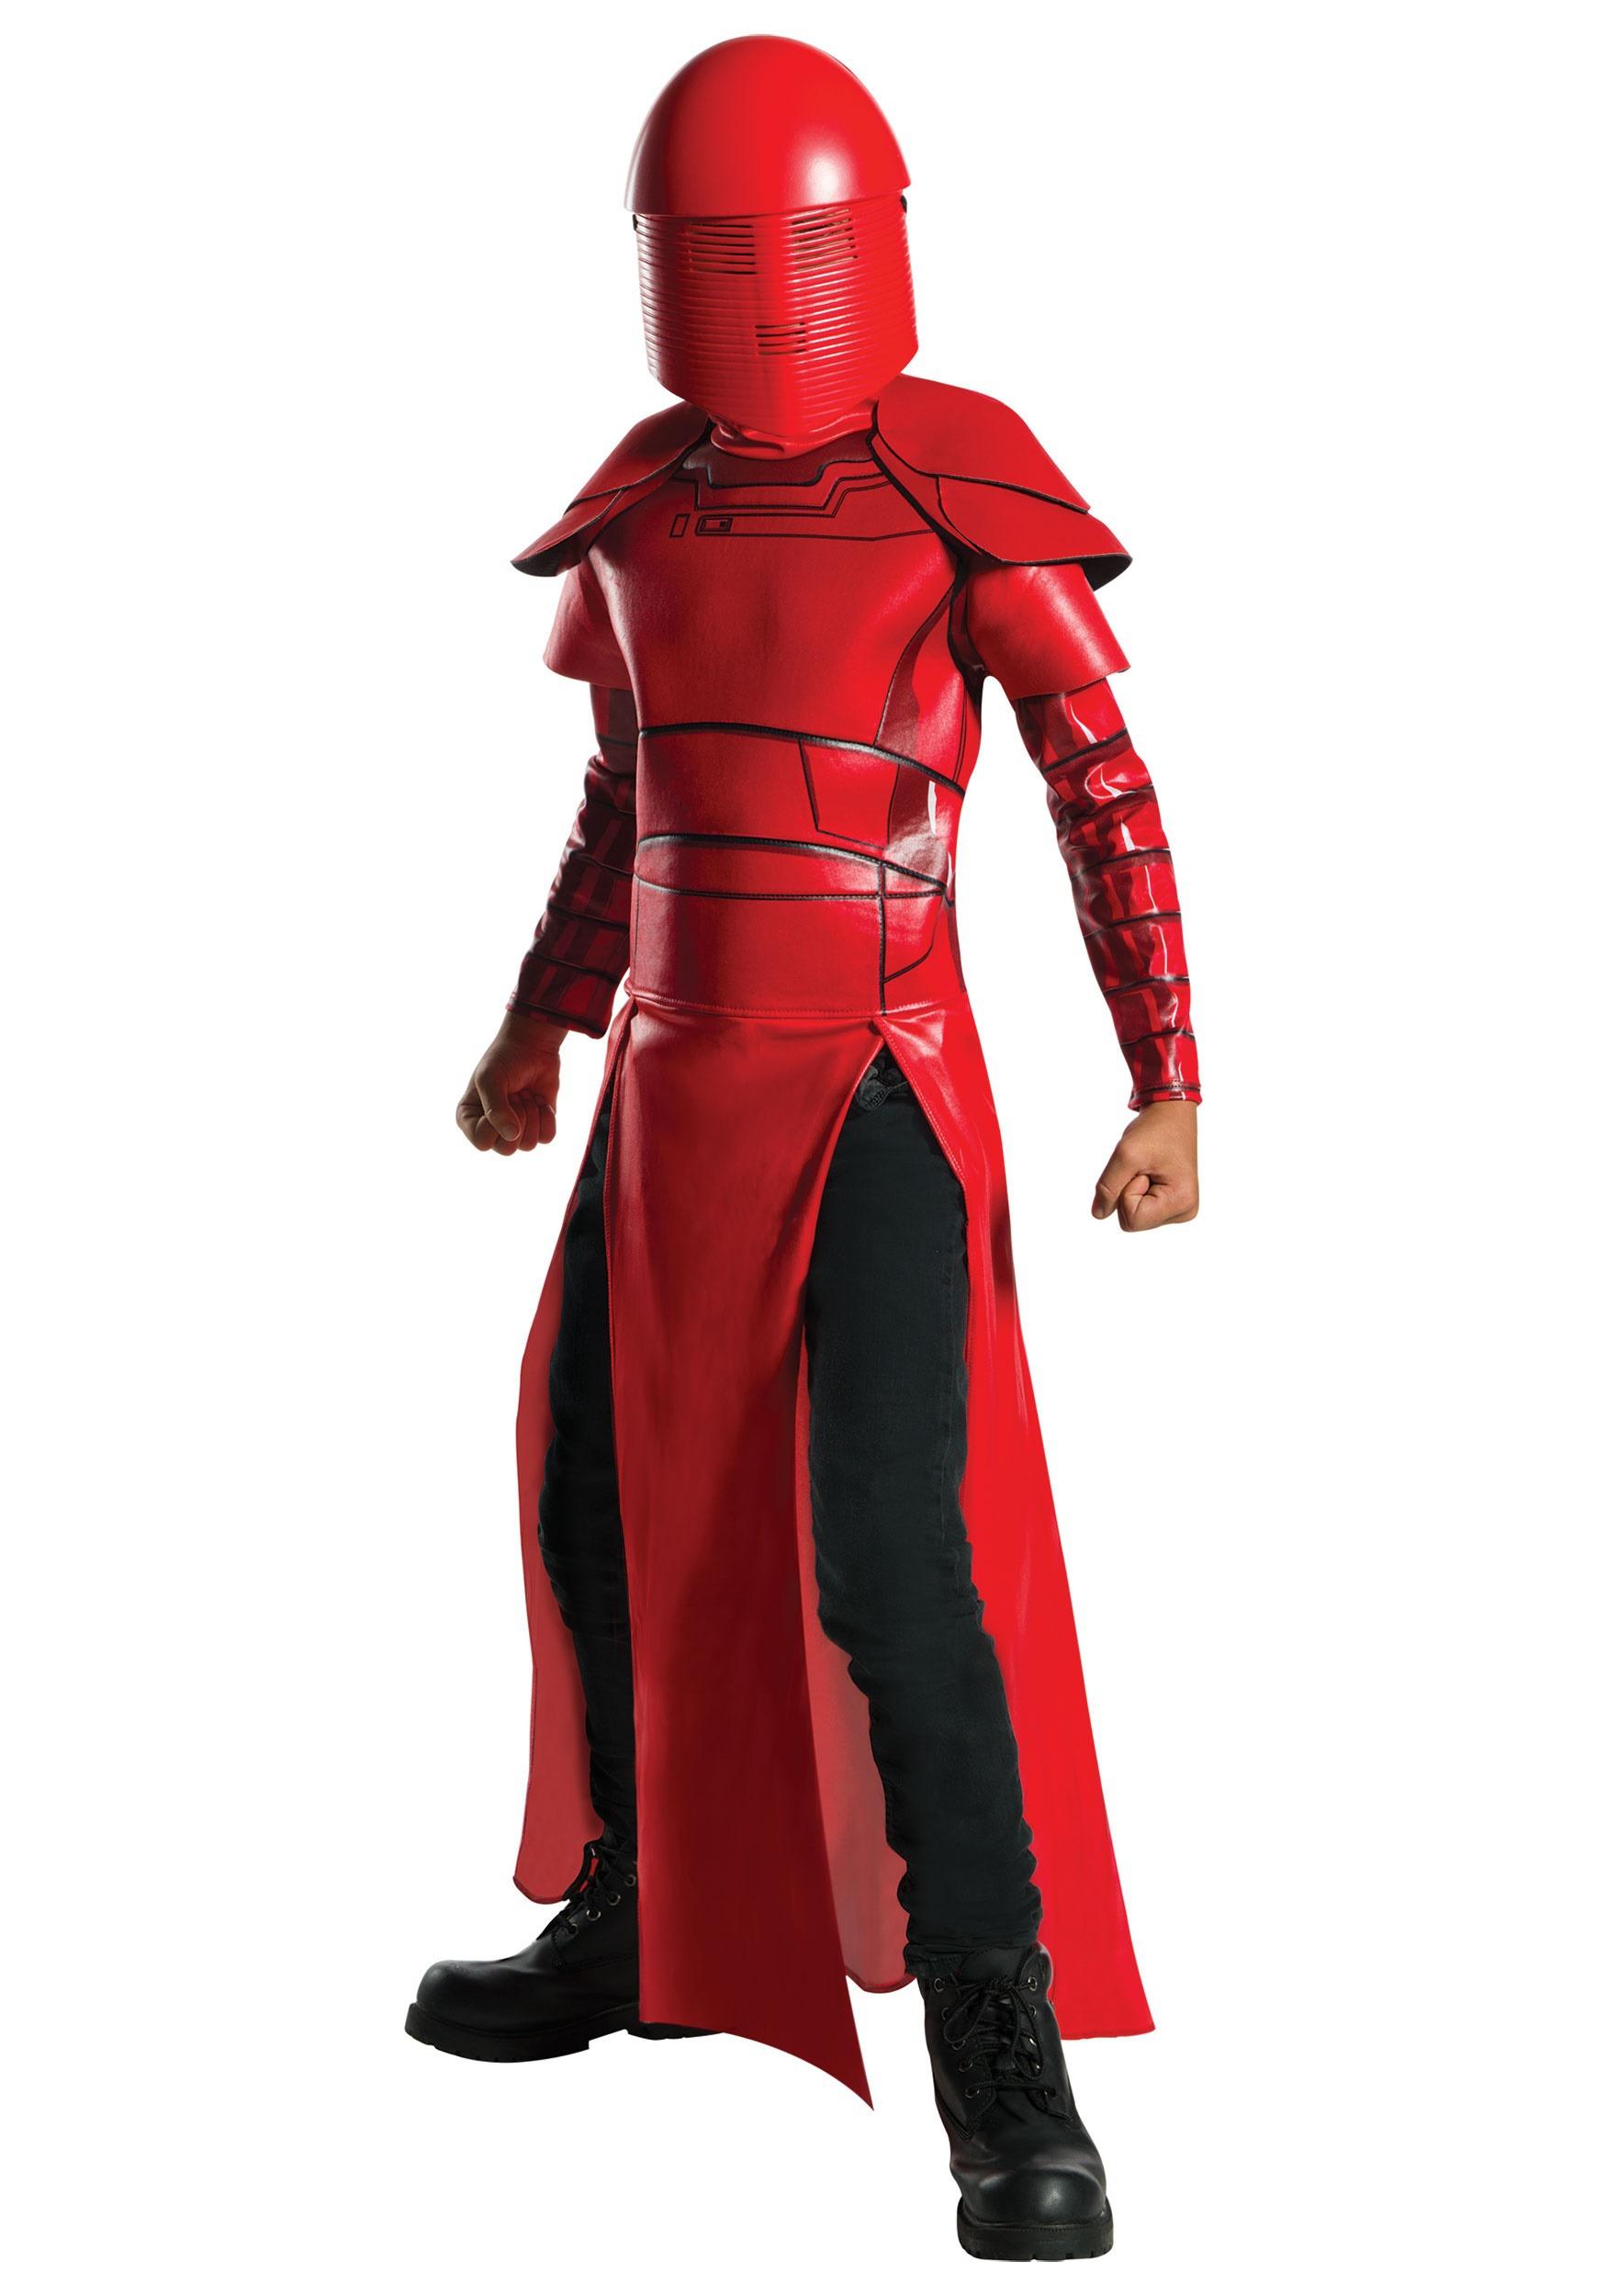 Star Wars The Last Jedi Deluxe Praetorian Guard Costume for Kids